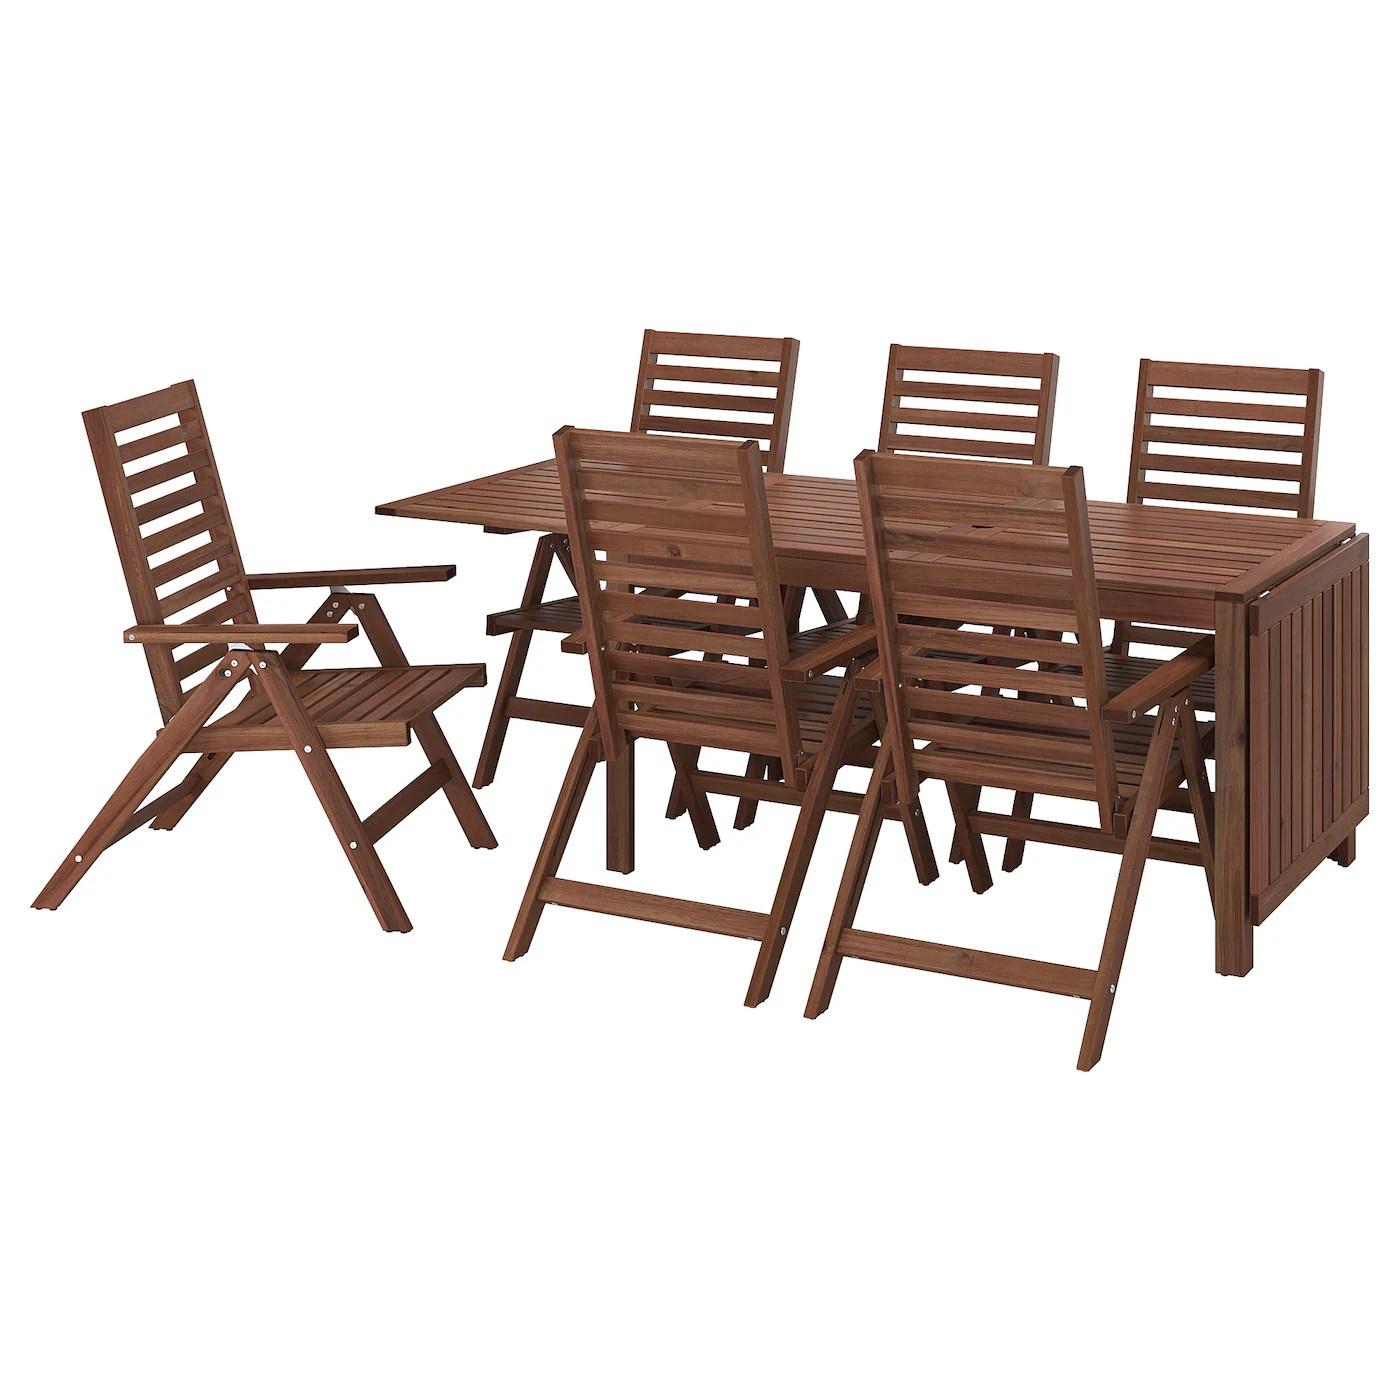 """tavoli e sedie da giardino """"il giardino e il terrazzo sono luoghi fondamentali in una casa, che se sono presenti arricchiscono l'abitazione di una grande possibilità: Applaro Table 6 Reclining Chairs Outdoor Brown Stained Ikea"""